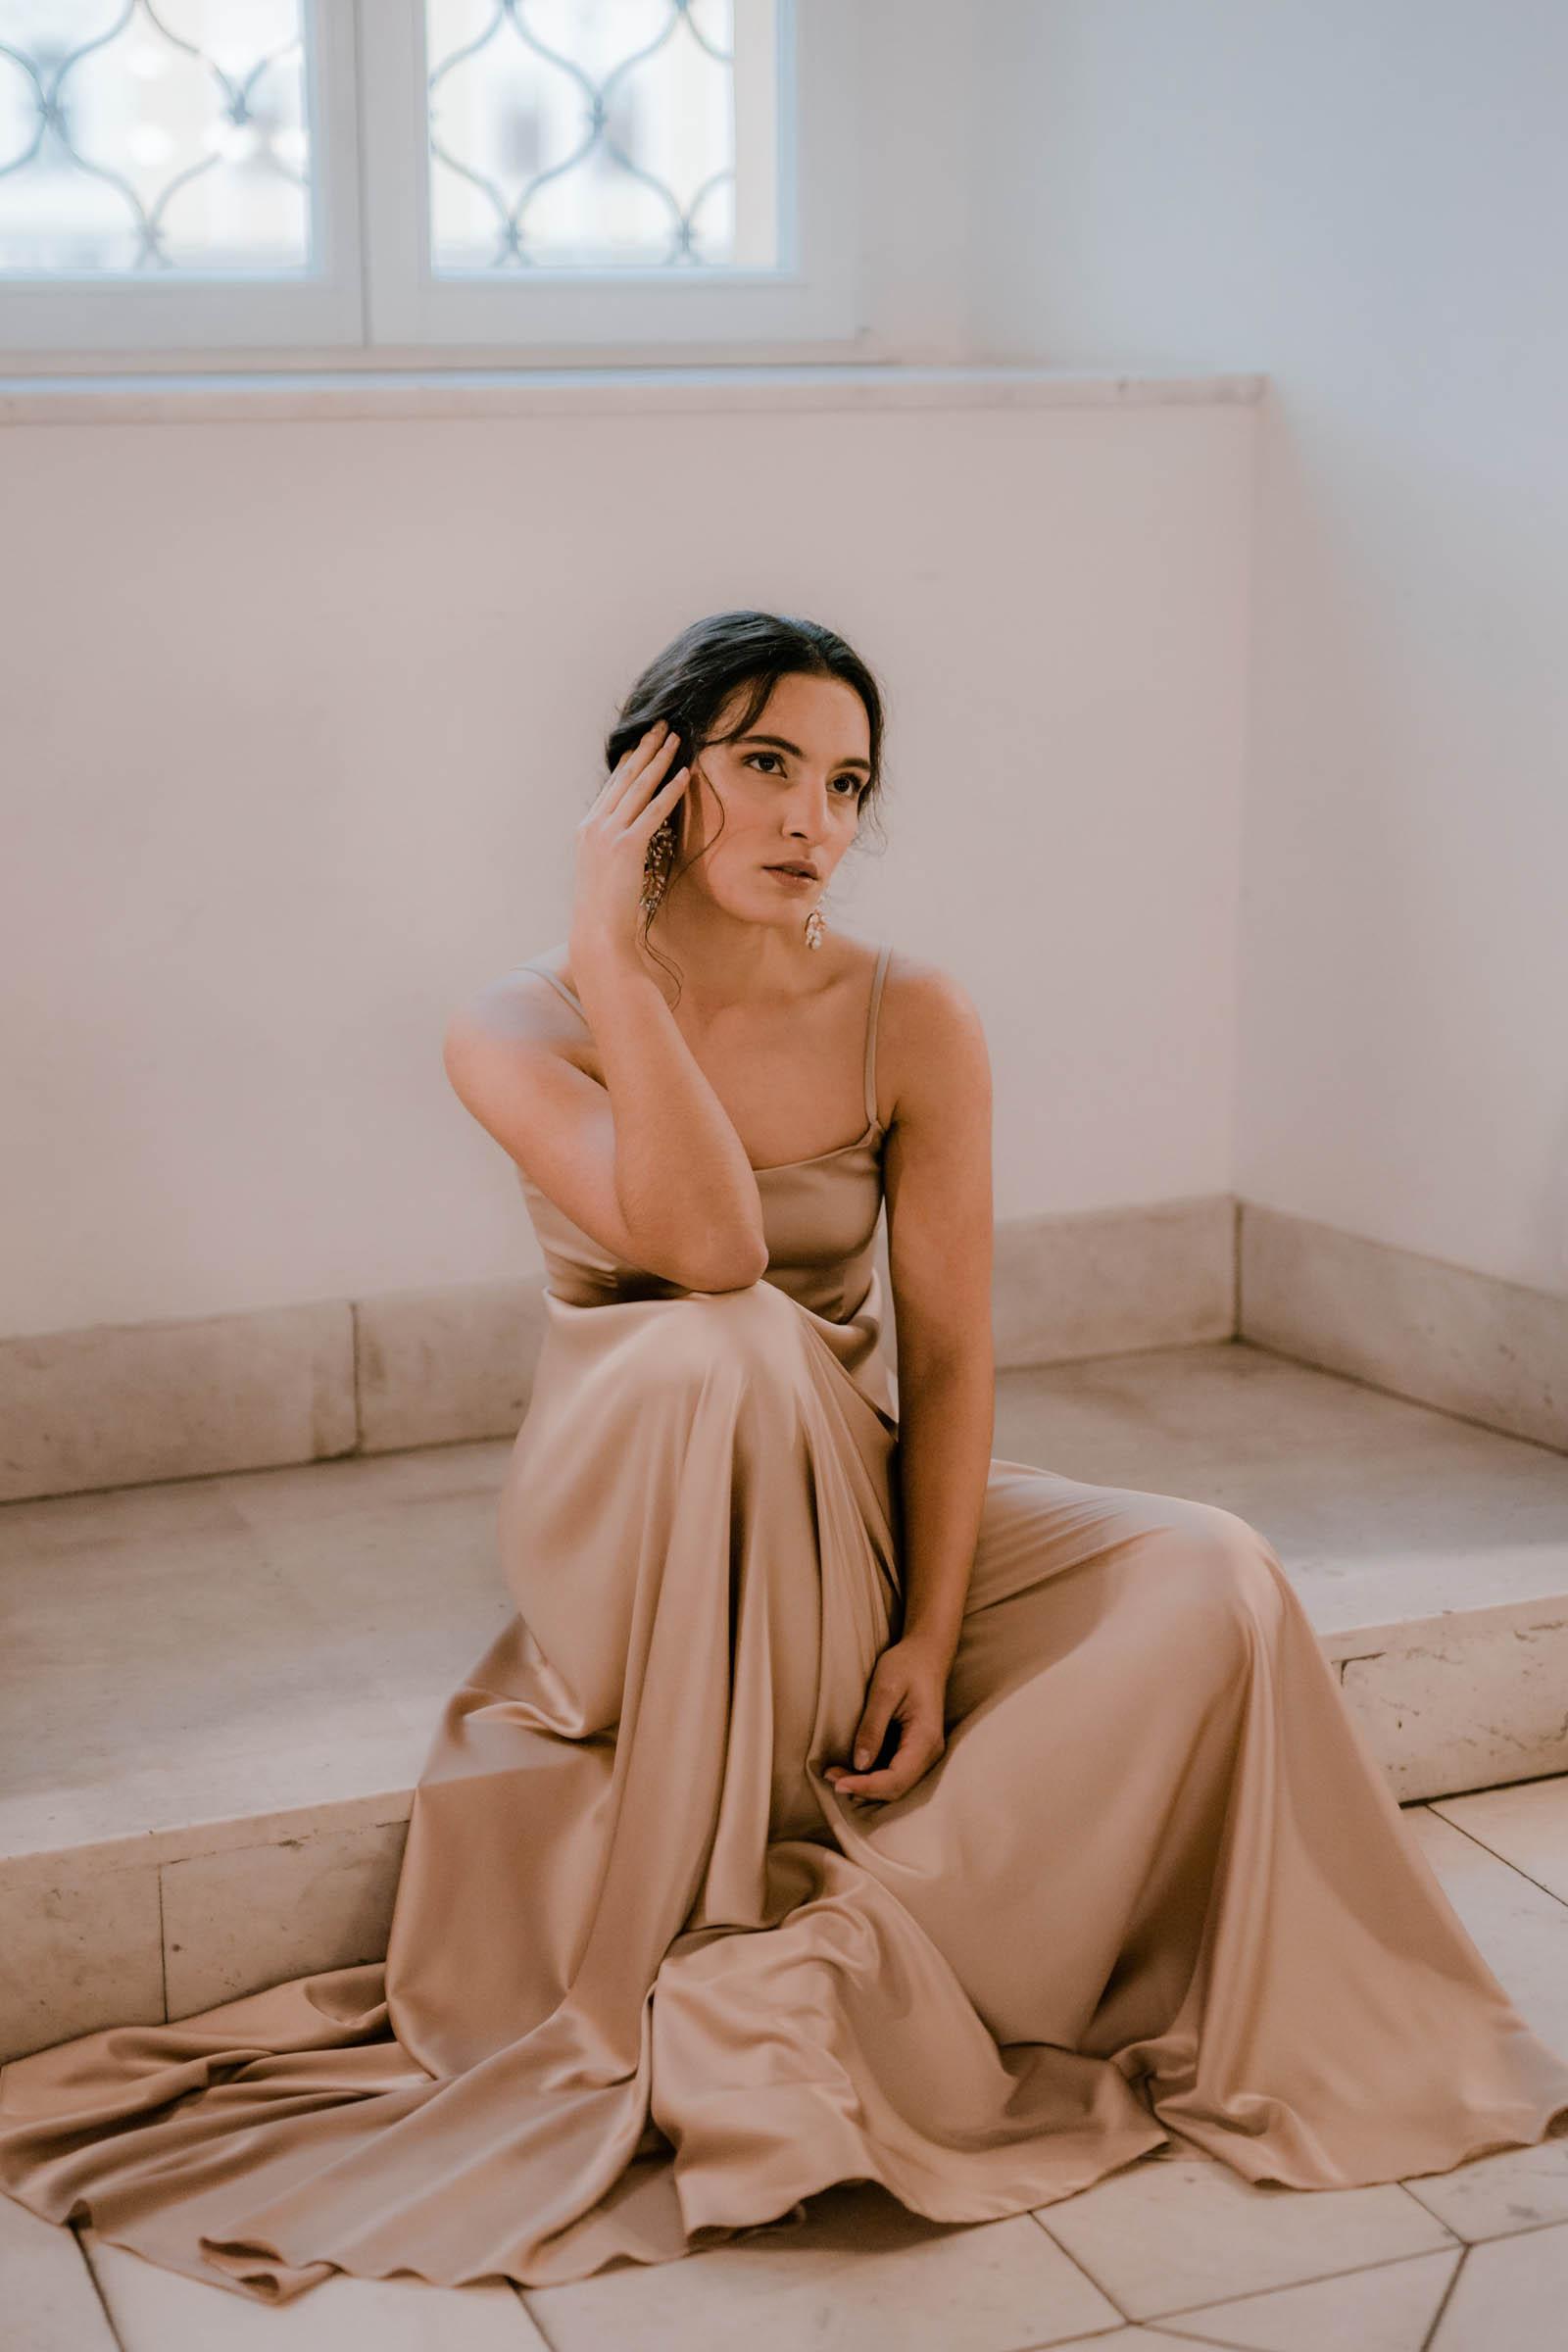 boho-svadobne-saty-veronika-kostkova-wedding-atelier-2019-pura